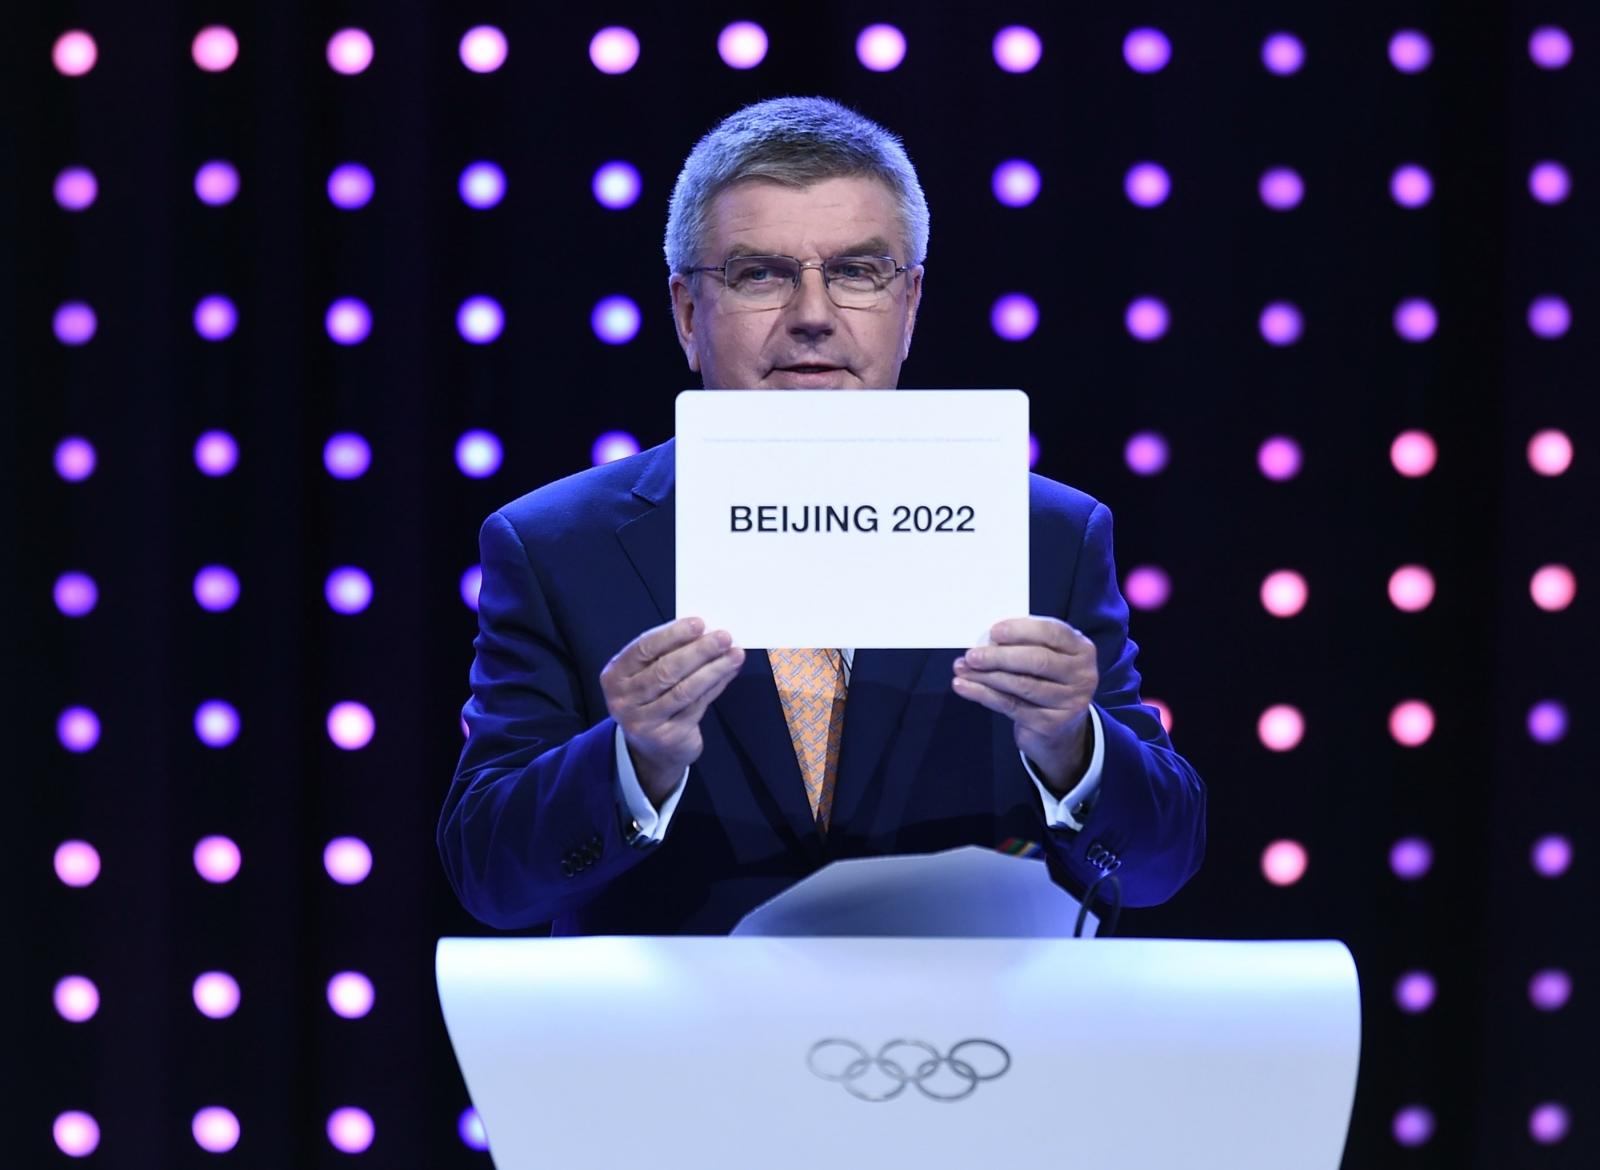 Beijing será sede de los Olímpicos de Invierno 2022, ¿cuáles marcas están detrás?